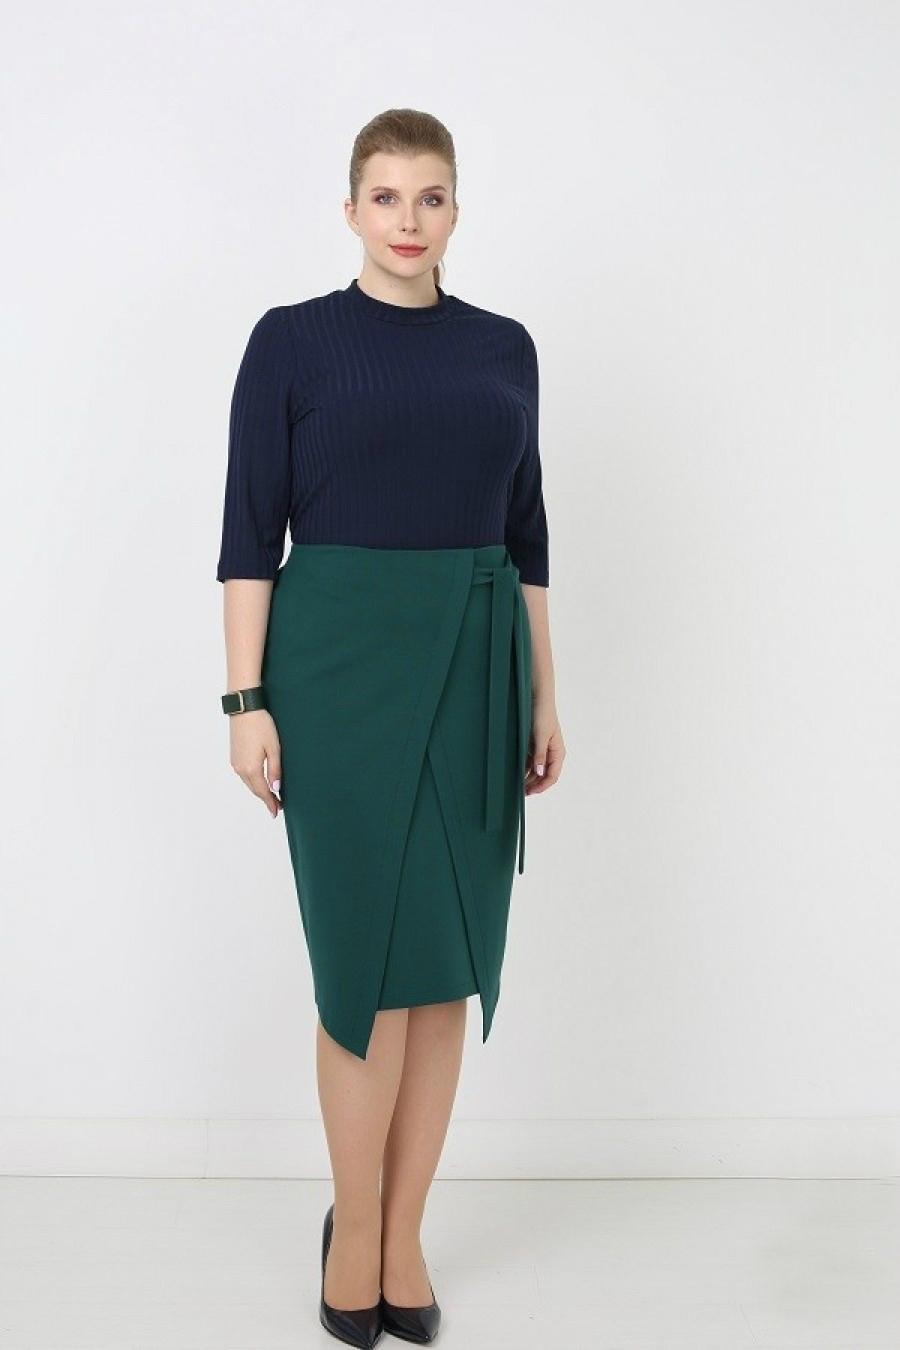 06601605232 Образы с более длинными юбками позволяют легко прятать под подолом не  только пышные бедра